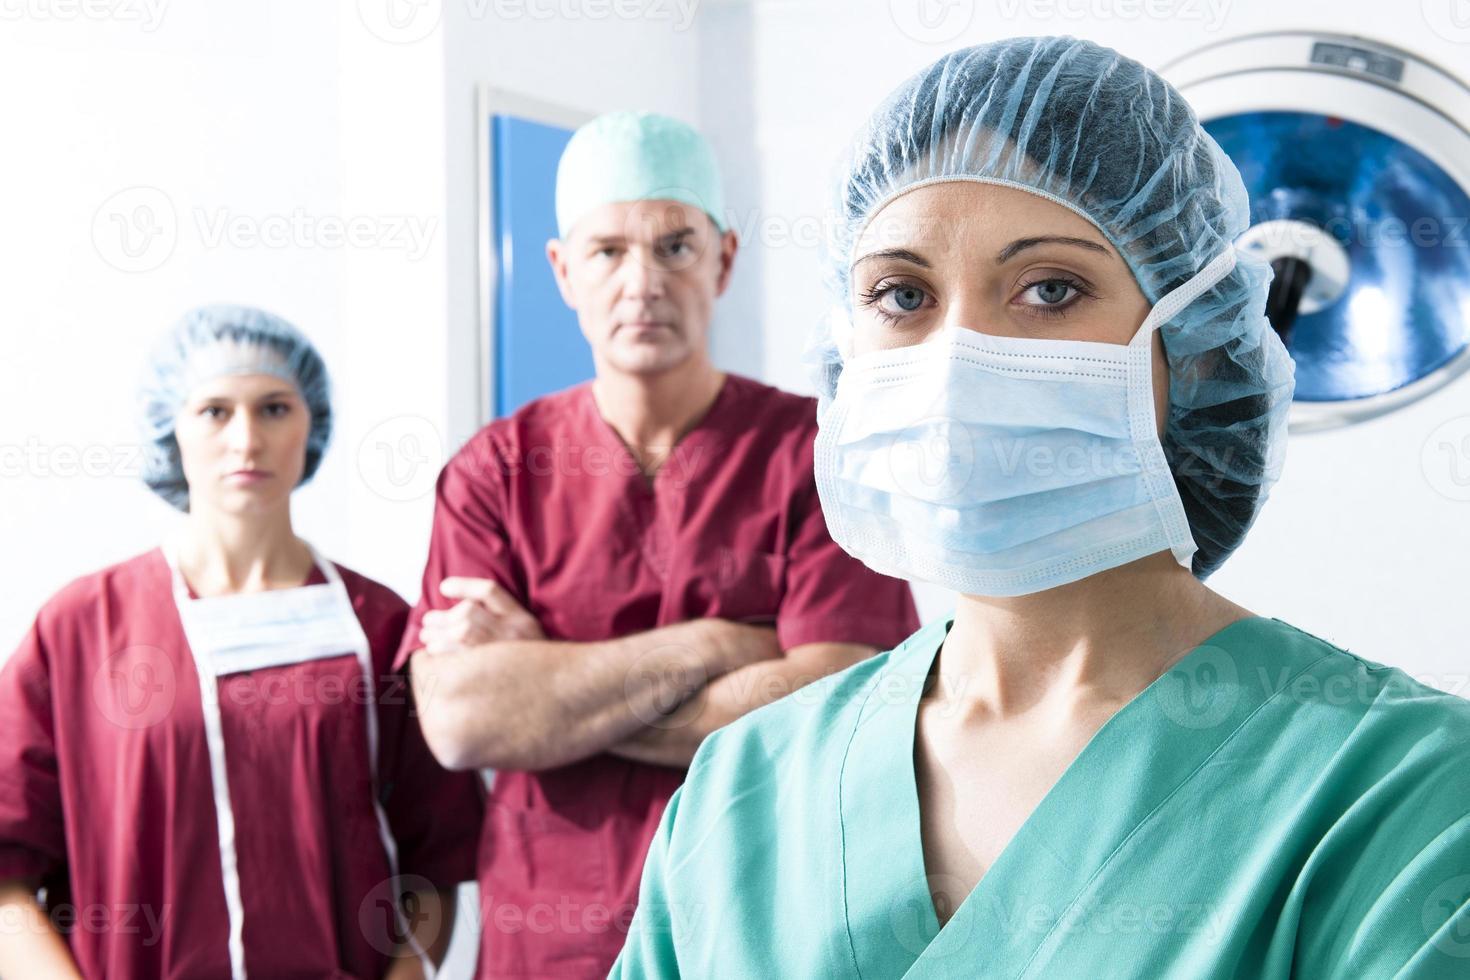 equipe medica foto